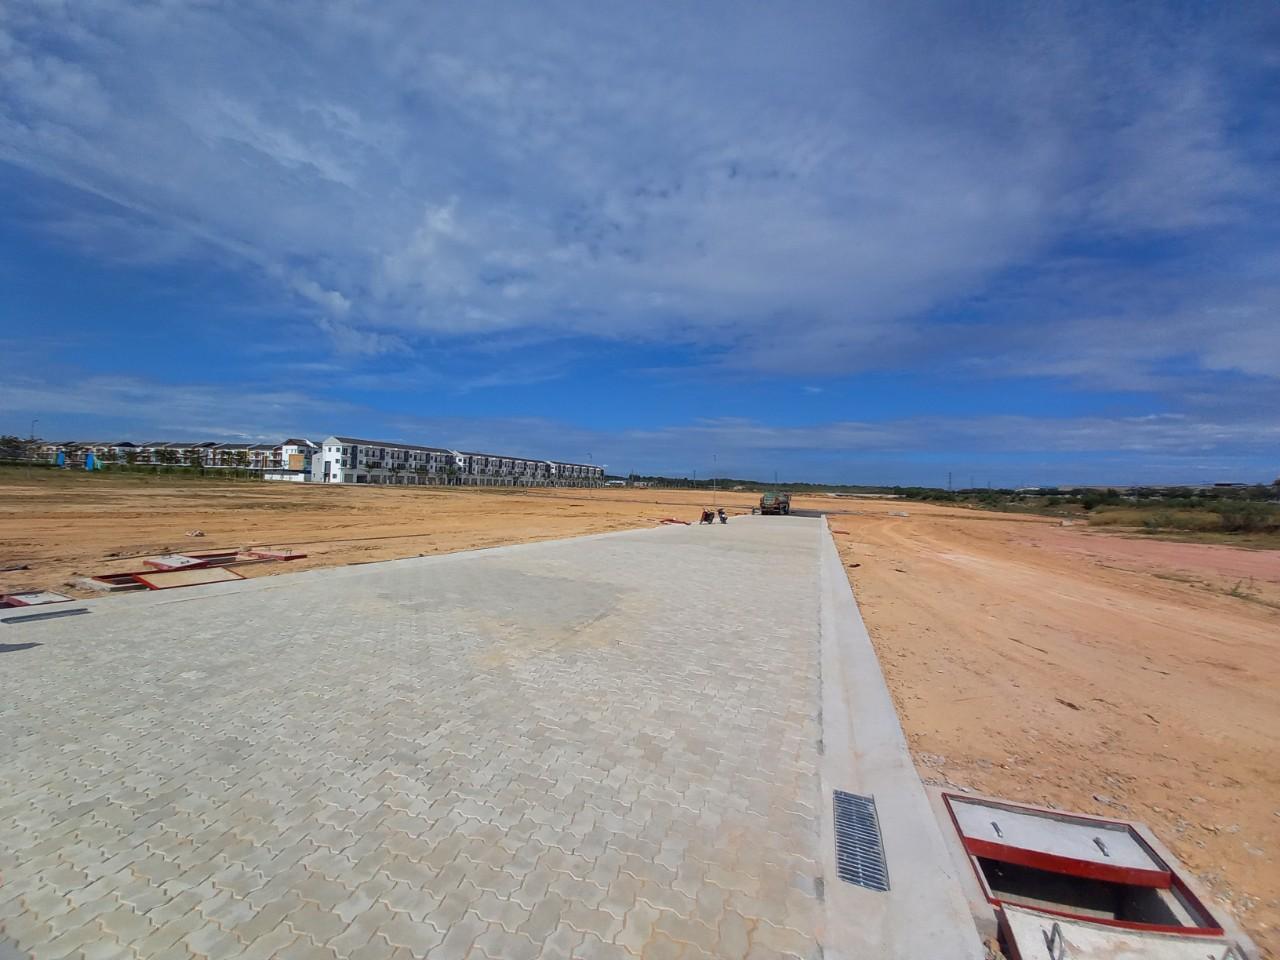 Cung cấp vật liệu, thiết bị và xây dựng hạ tầng đường XN1A và đường nội bộ trung tâm thương mại Sun Casa